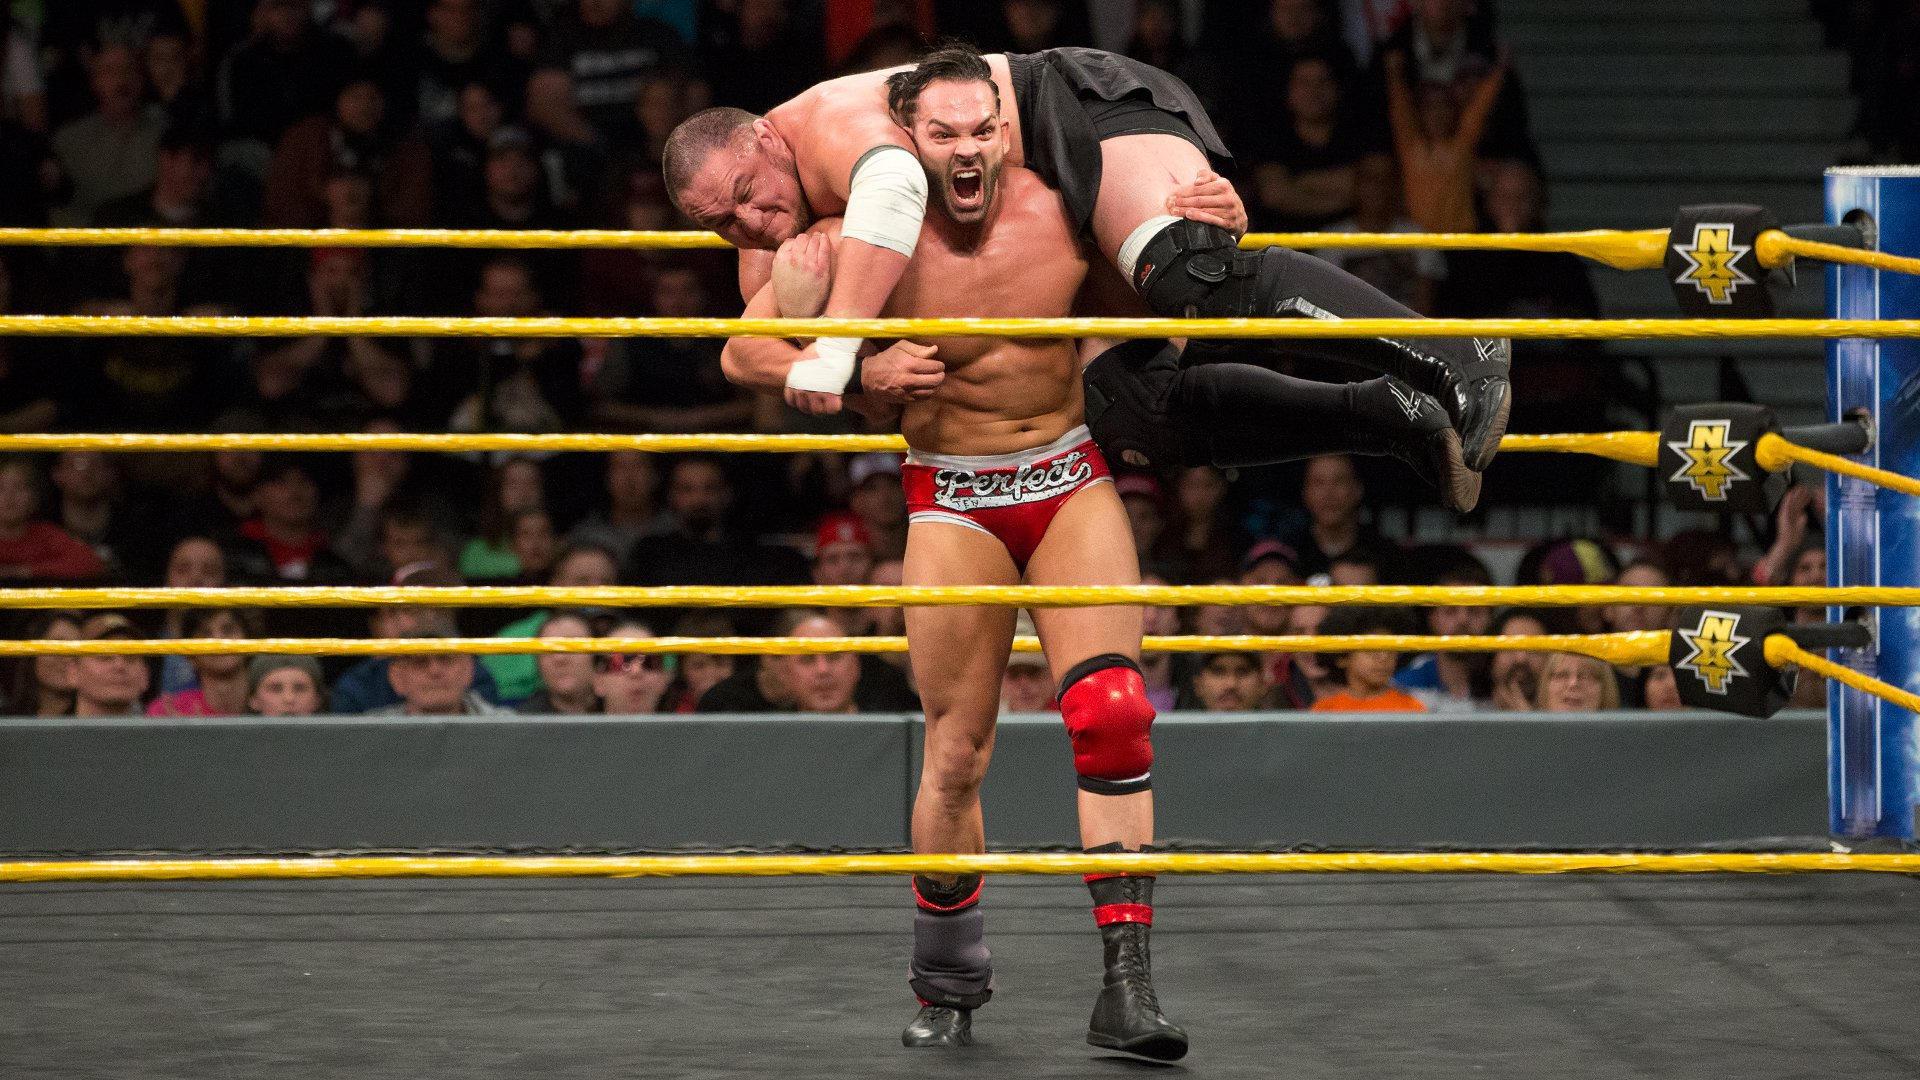 Resultats WWE NXT 30 novembre